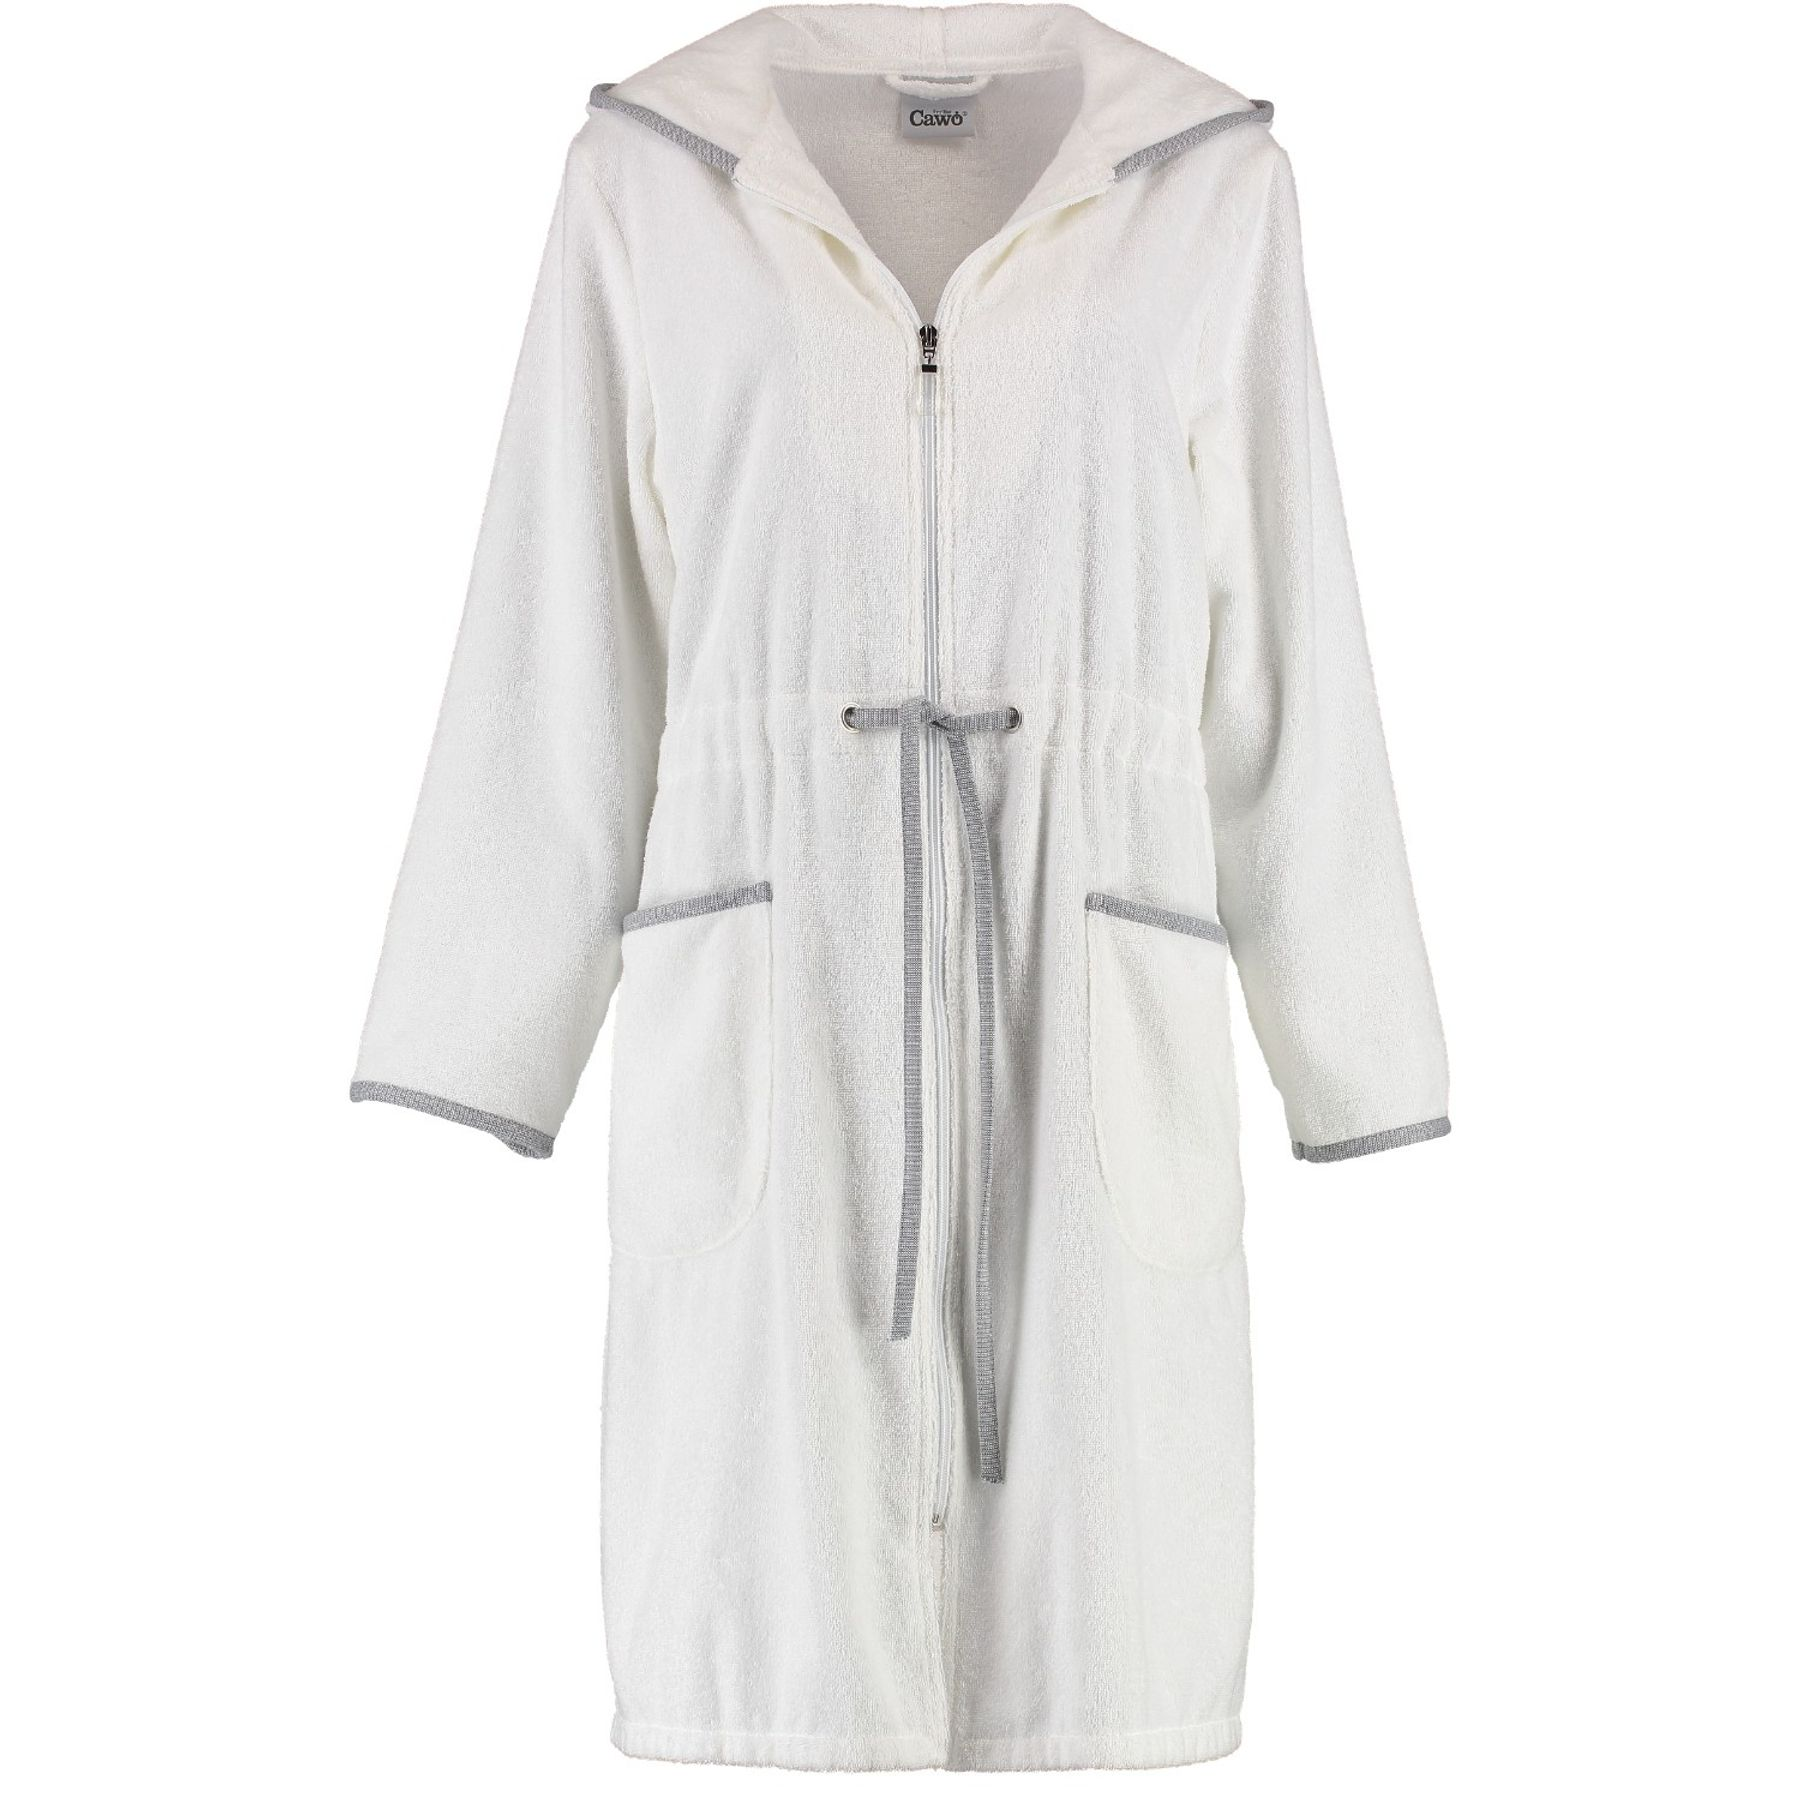 Cawö - Damen Bademantel mit Reißverschluss und Kapuze in Weiß (4103) – Bild 1